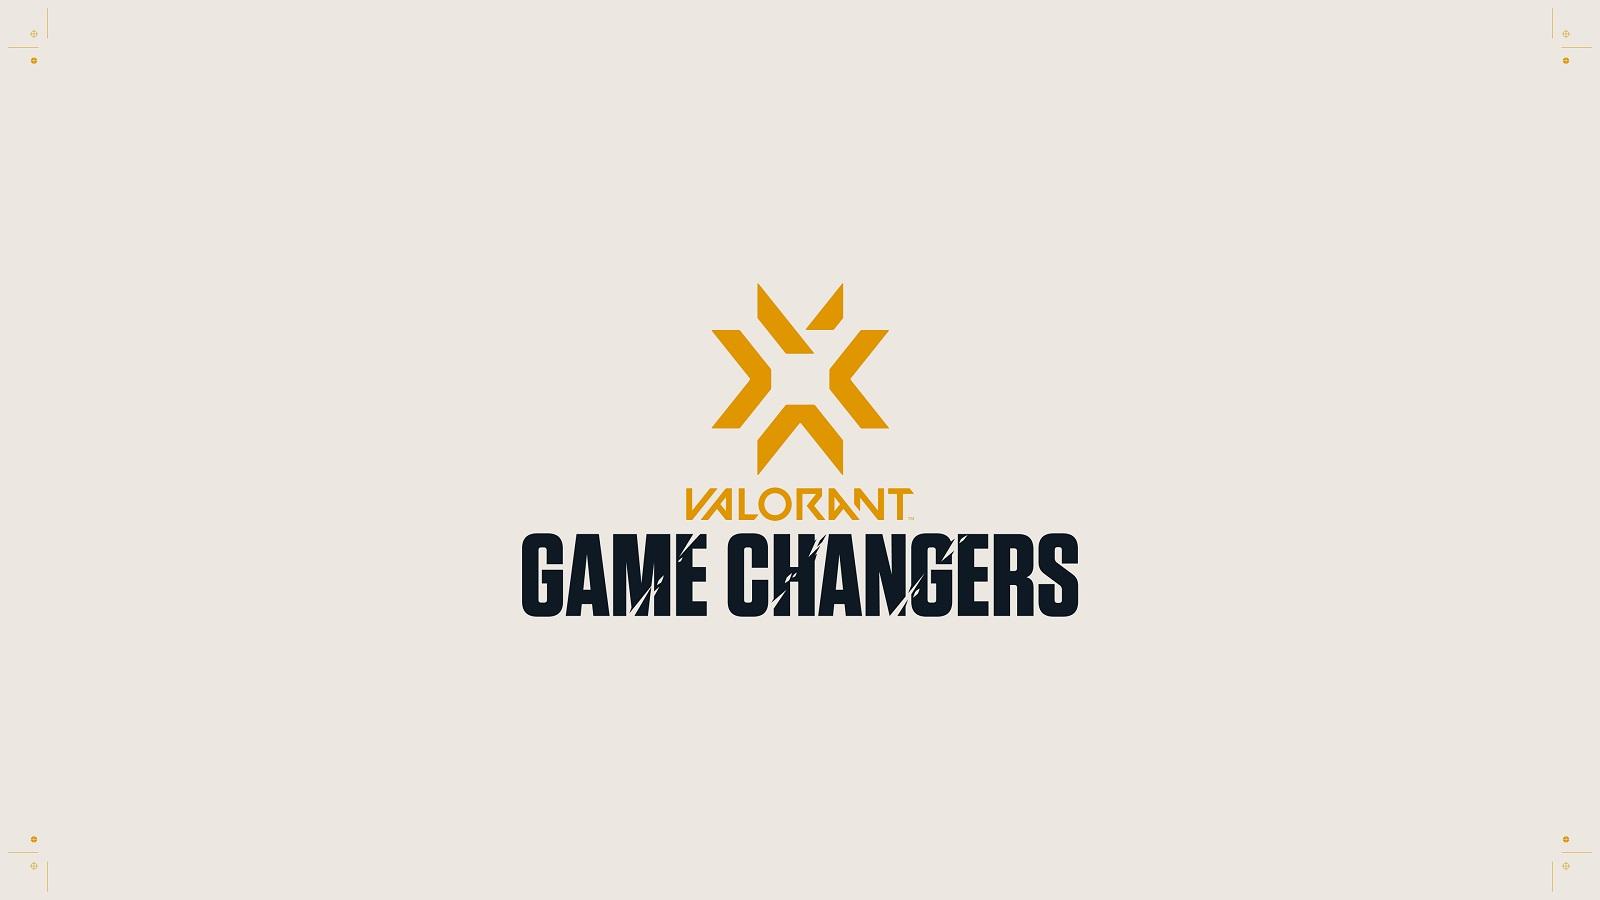 발로란트 게임 체인저스를 소개합니다!